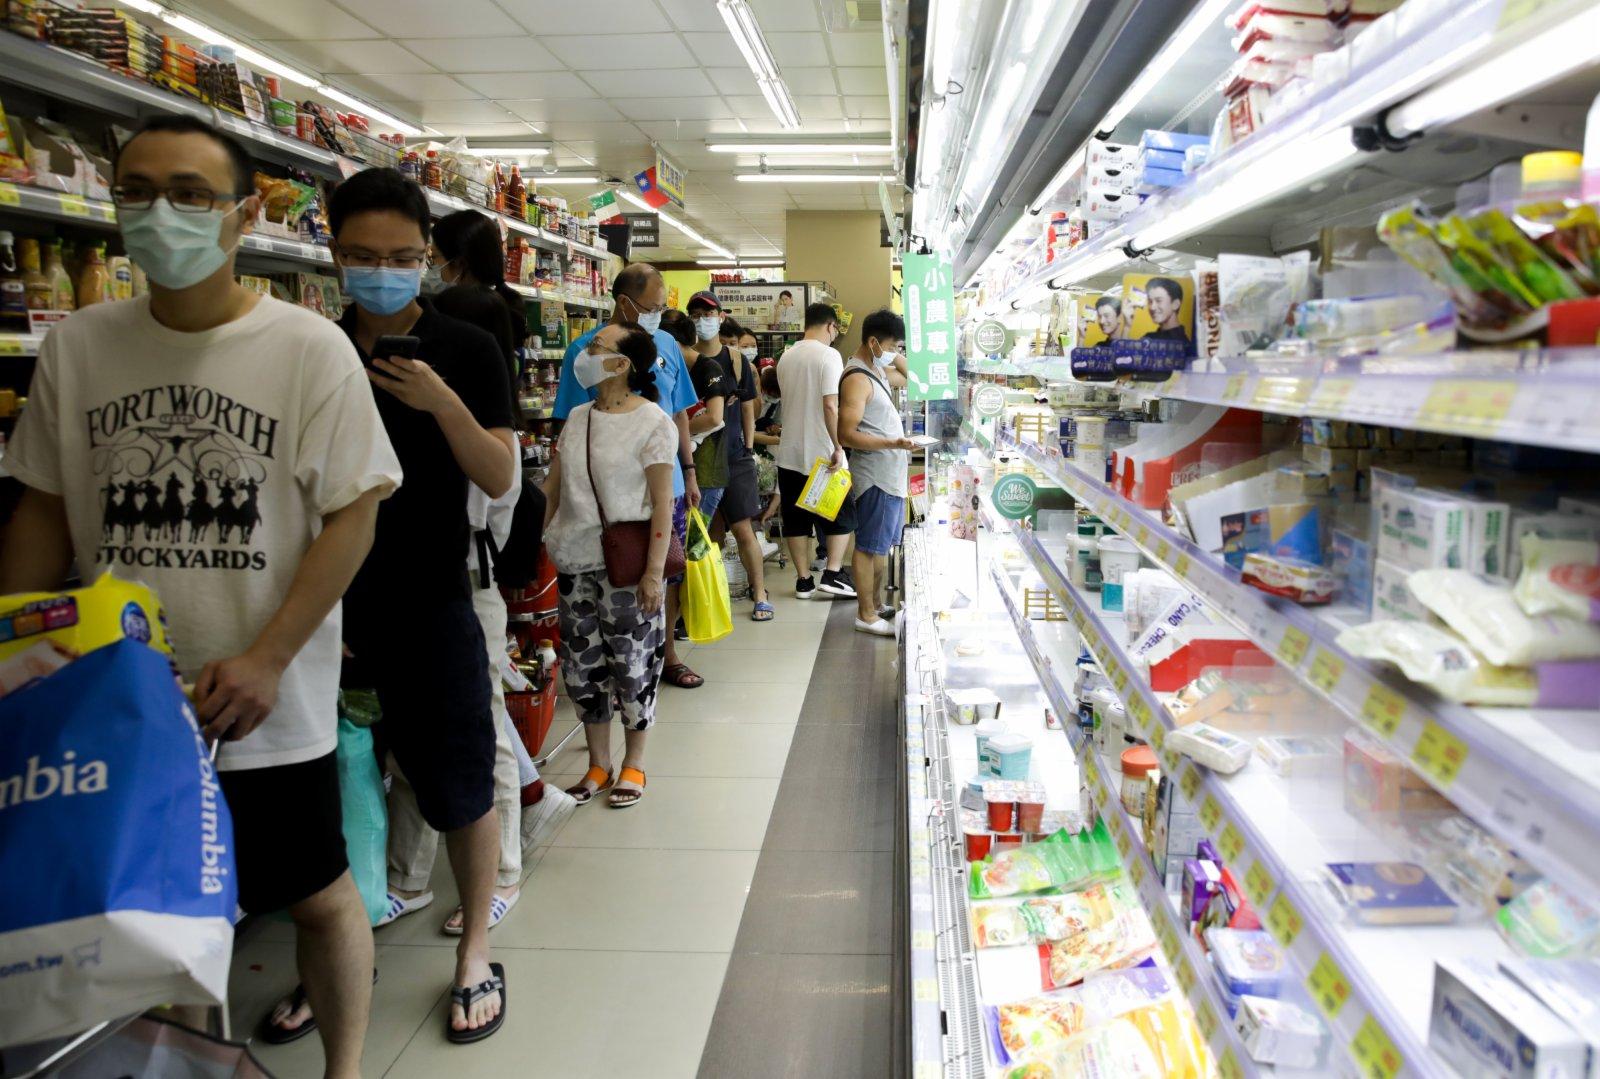 5月15日,台北市許多賣場開始出現民眾搶購的人潮;在商場內,防疫用品如酒精、口罩;衛生紙、泡麵、餅乾、水餃、罐頭等民生用品,瞬間成為民眾選購的熱門商品,貨架上商品,陸續淨空。(彭博社)